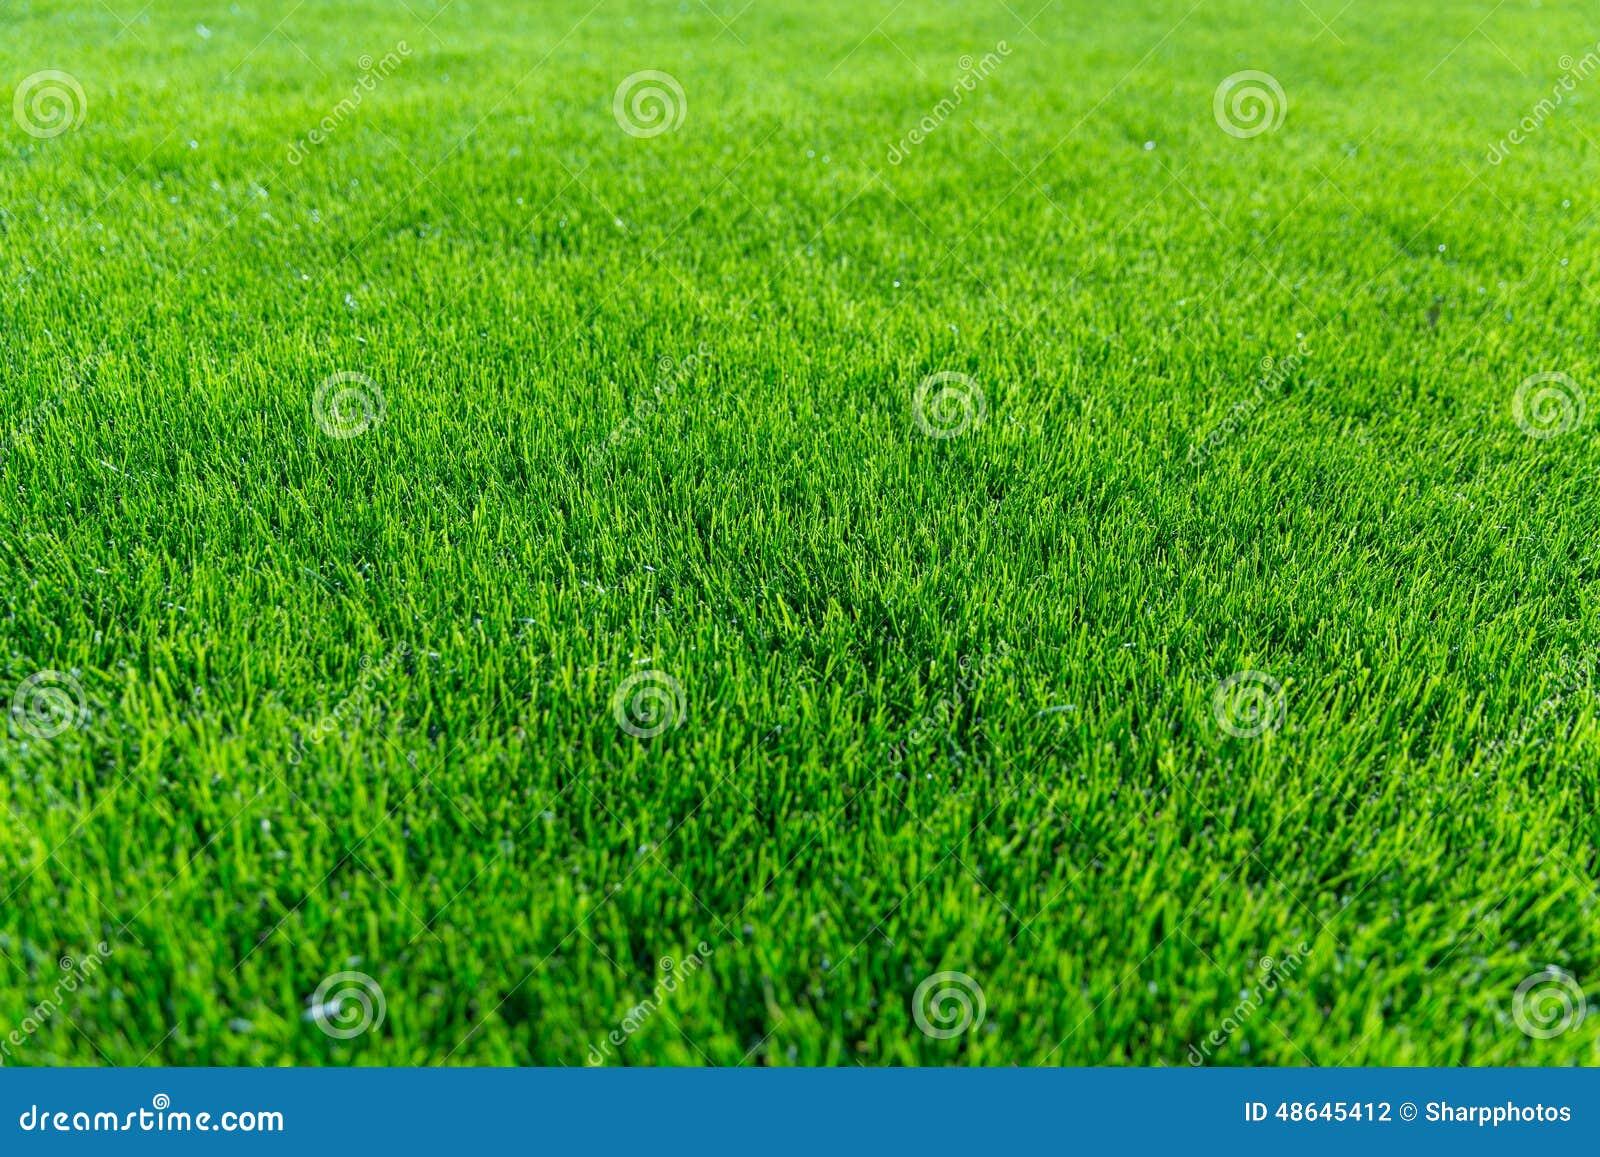 抽象背景城市草绿色草坪公园纹理视图